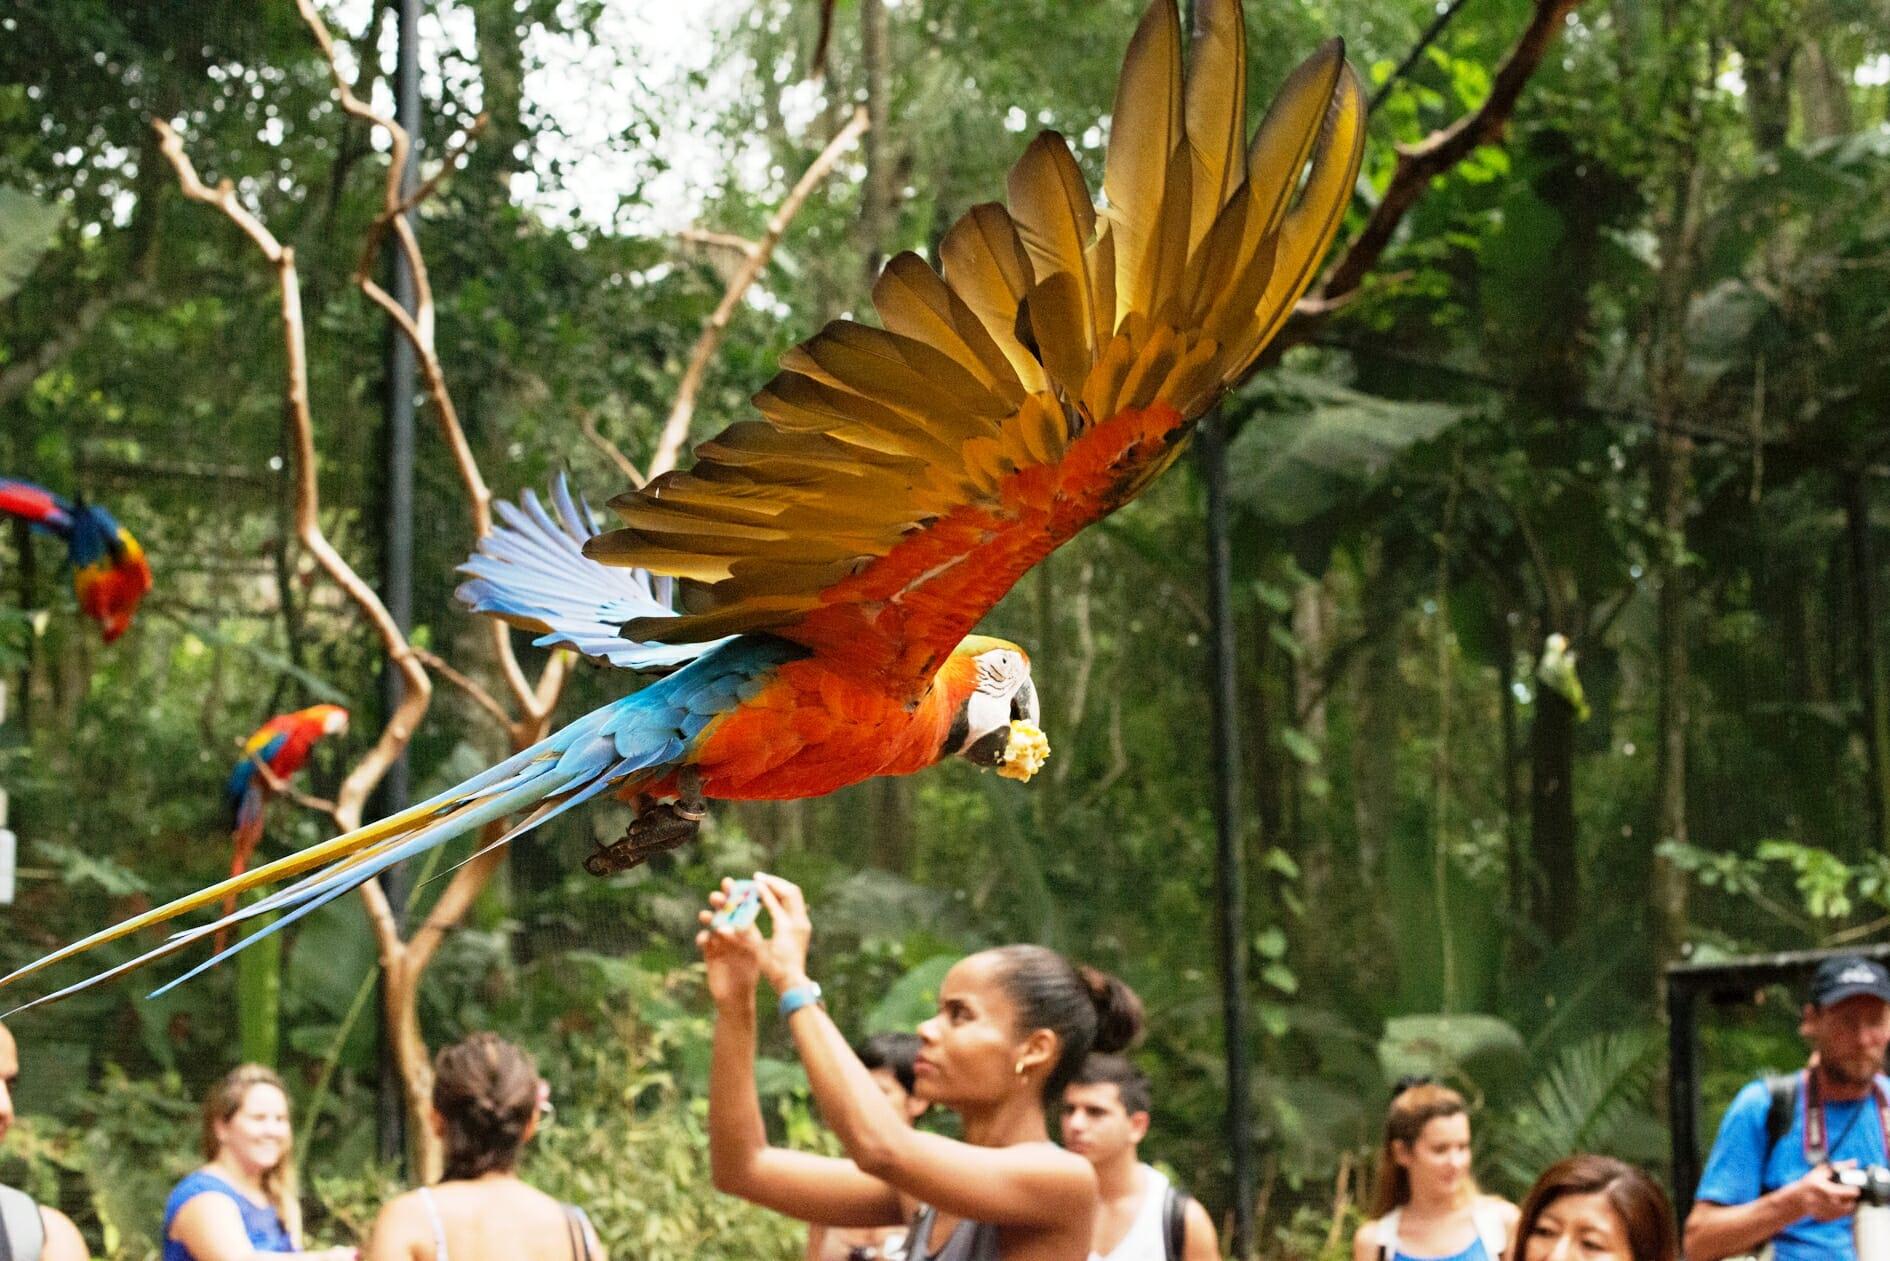 , Parque das Aves em Foz do Iguaçu, uma das mais incríveis atrações da tríplice fronteira, Passeios em Foz do Iguaçu | Combos em Foz com desconto, Passeios em Foz do Iguaçu | Combos em Foz com desconto